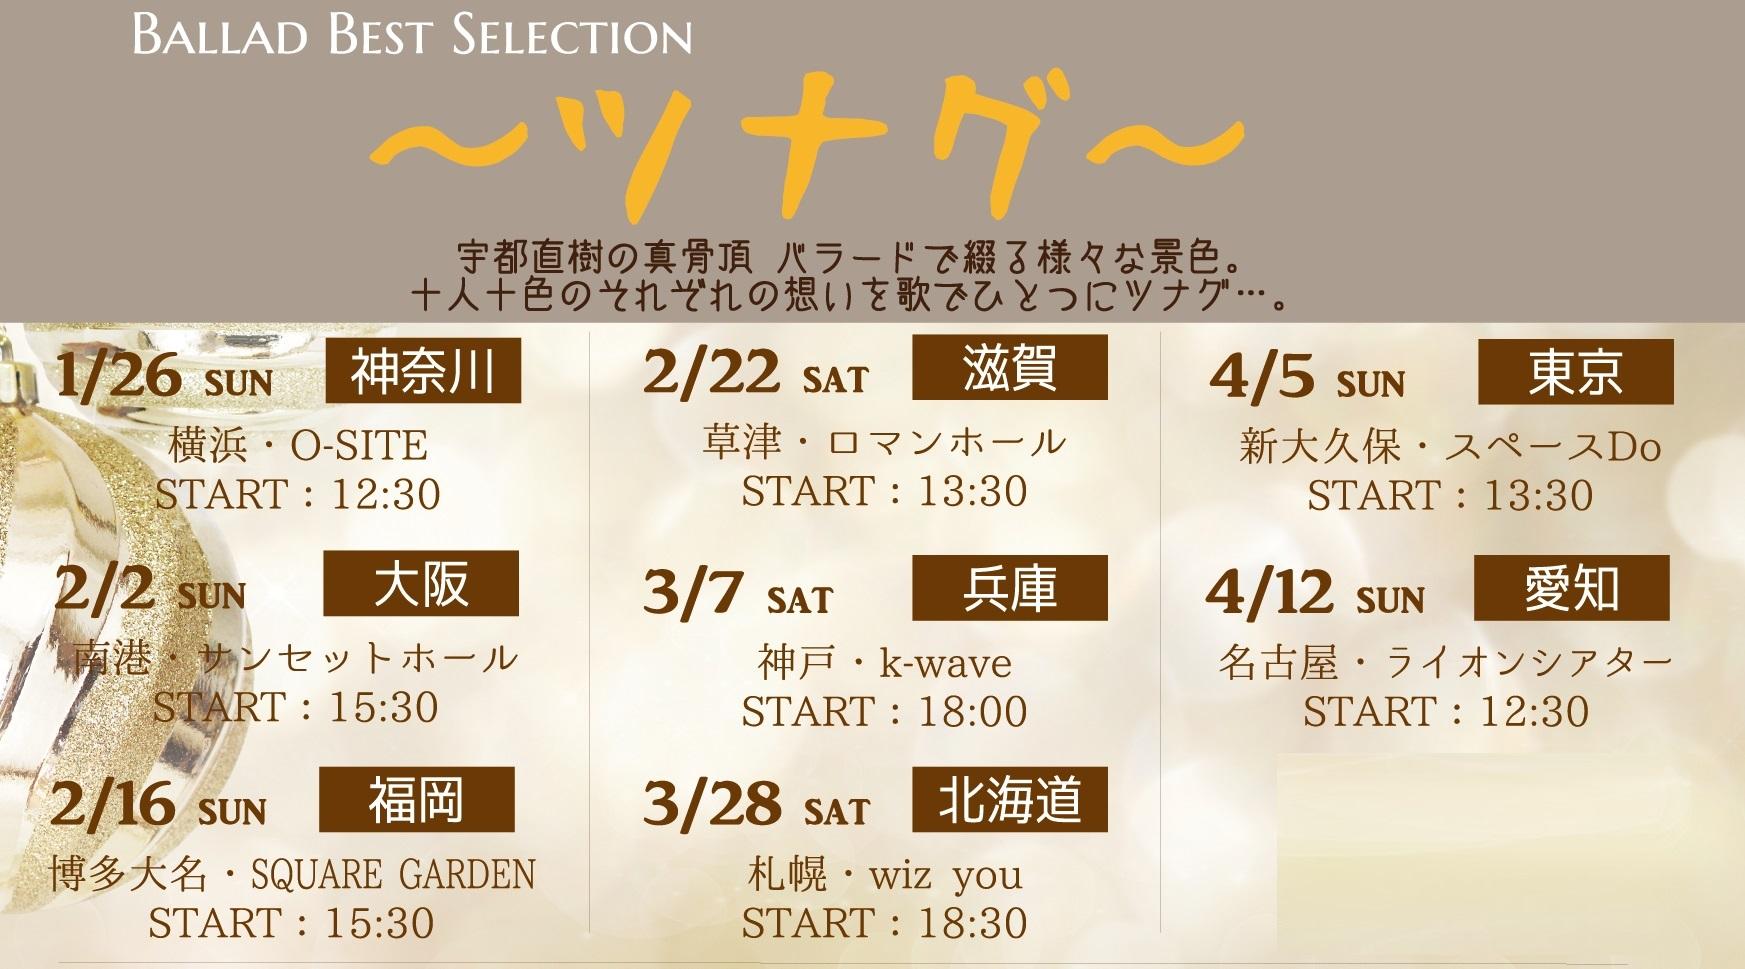 横浜O-SITE / 宇都直樹 Ballade Best Selection 〜ツナグ〜